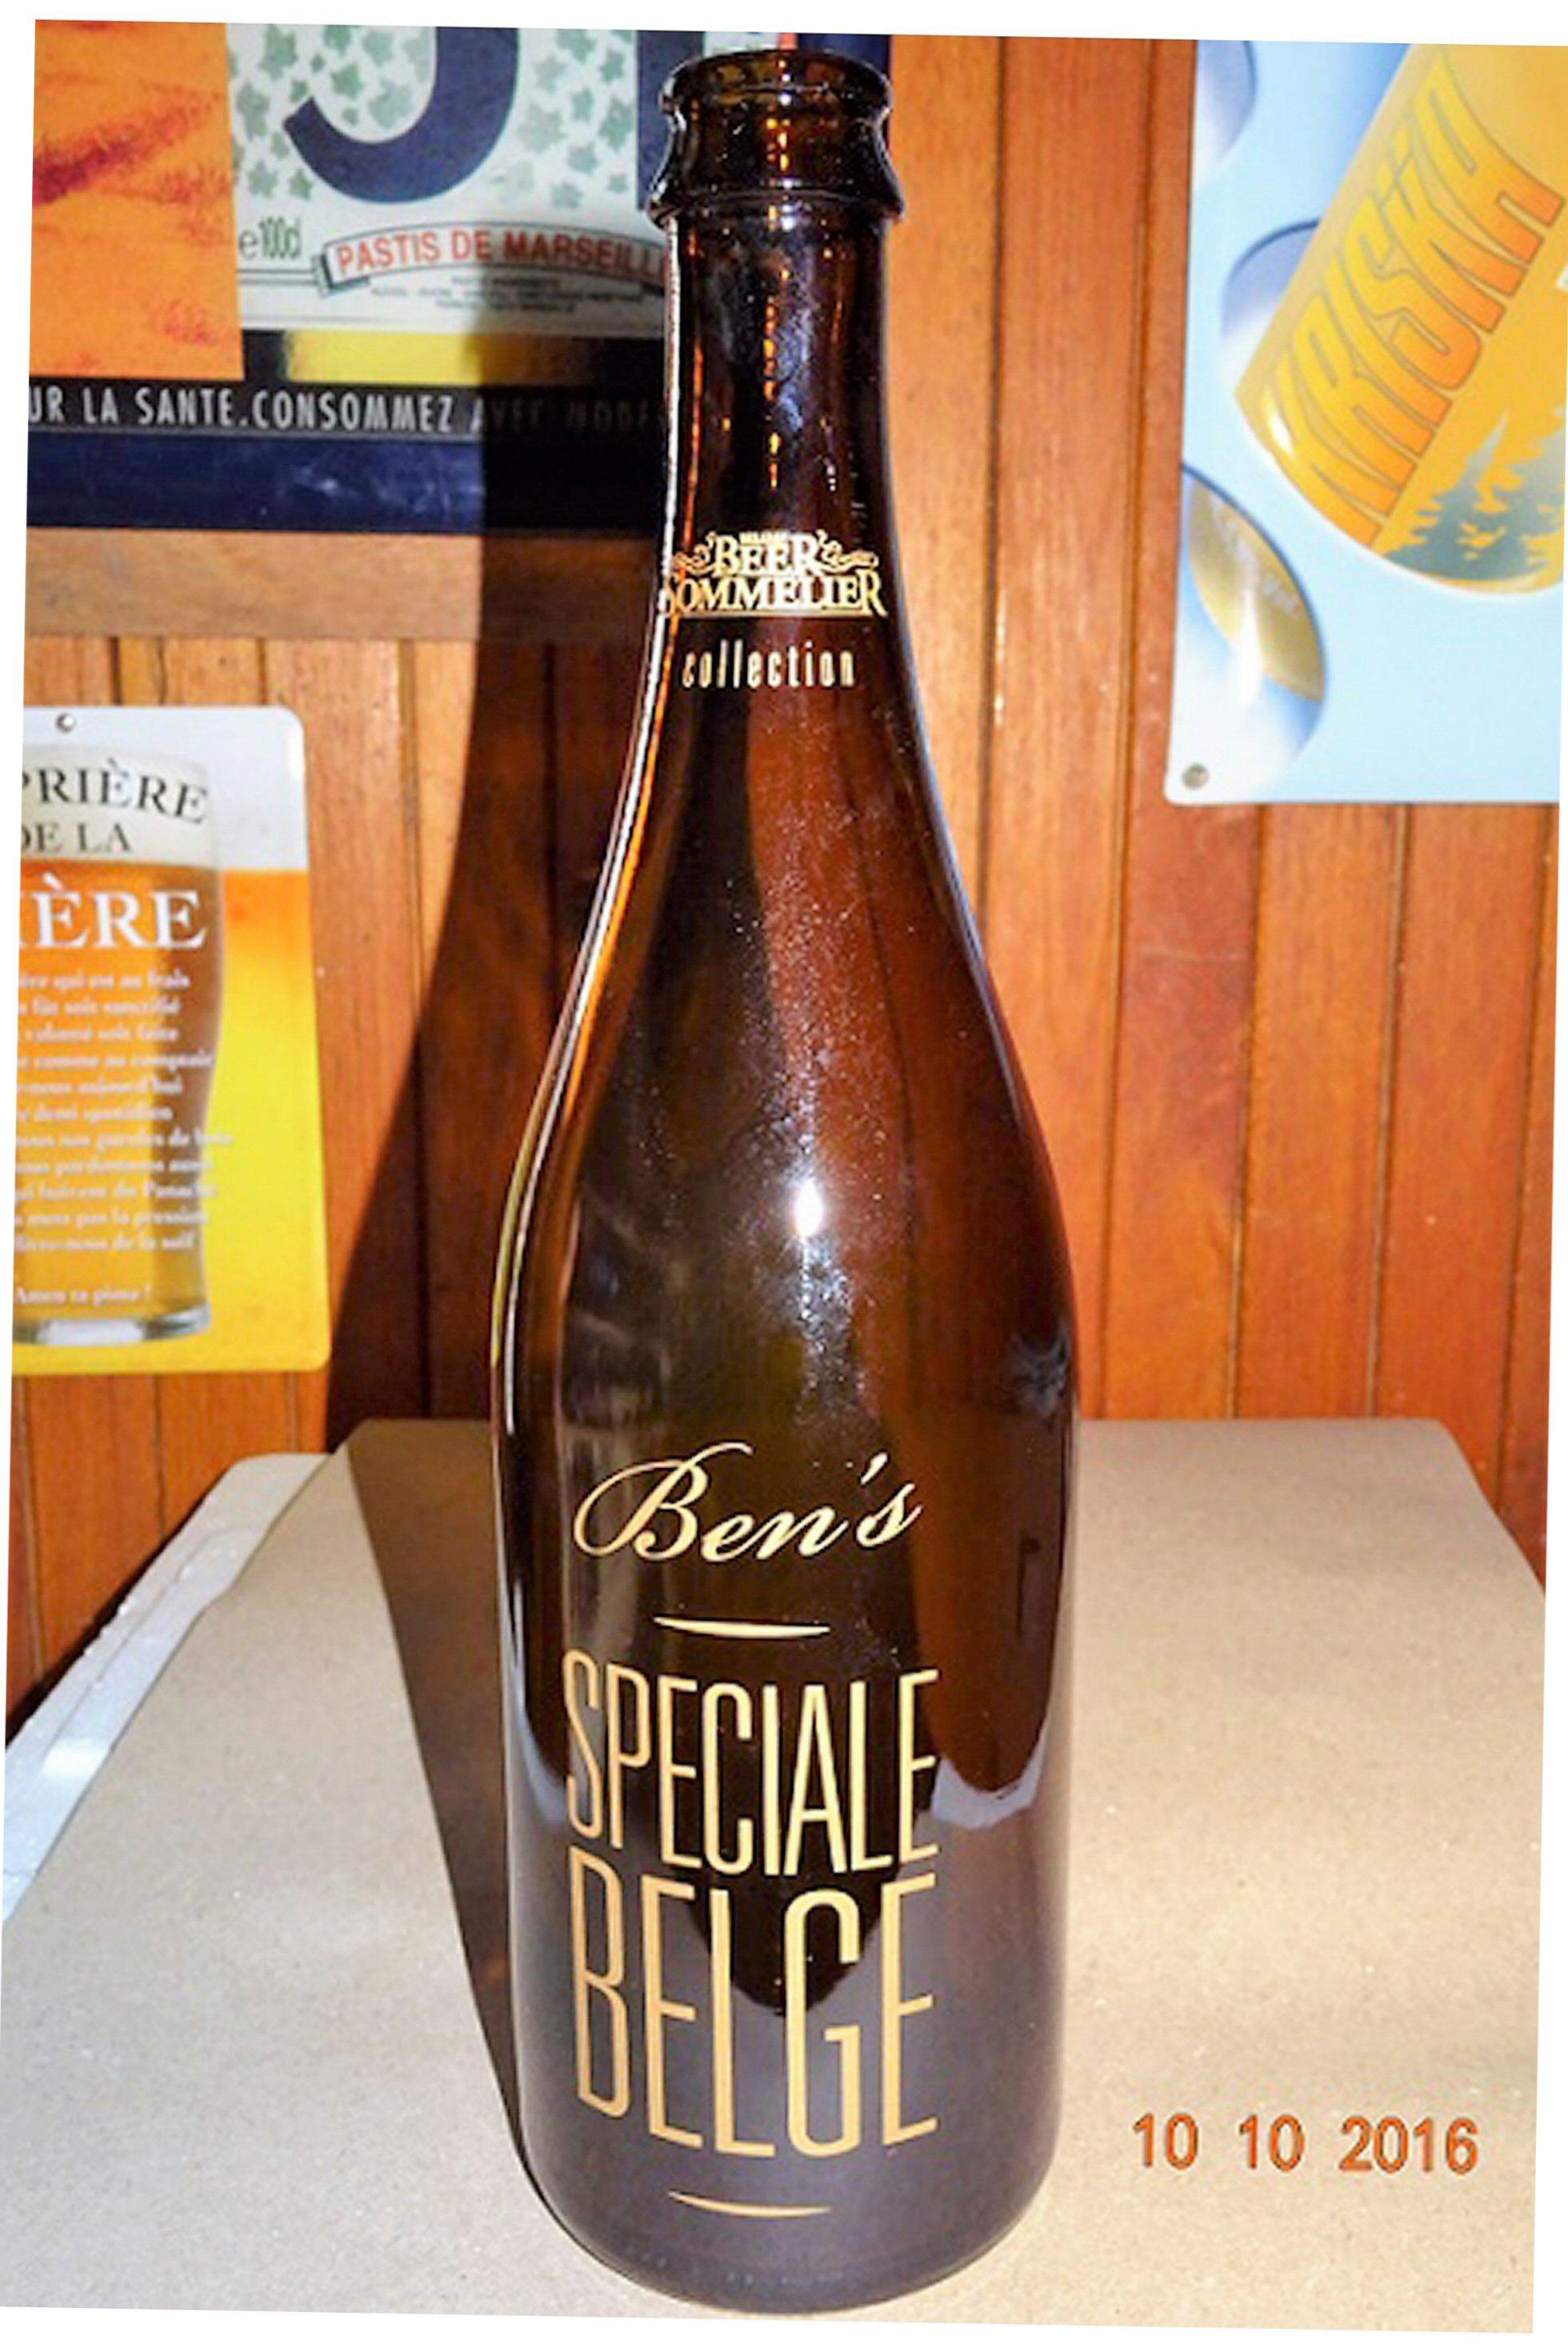 BEER SOMMELIER SPECIALE BELGE 75CL A  OK.jpg